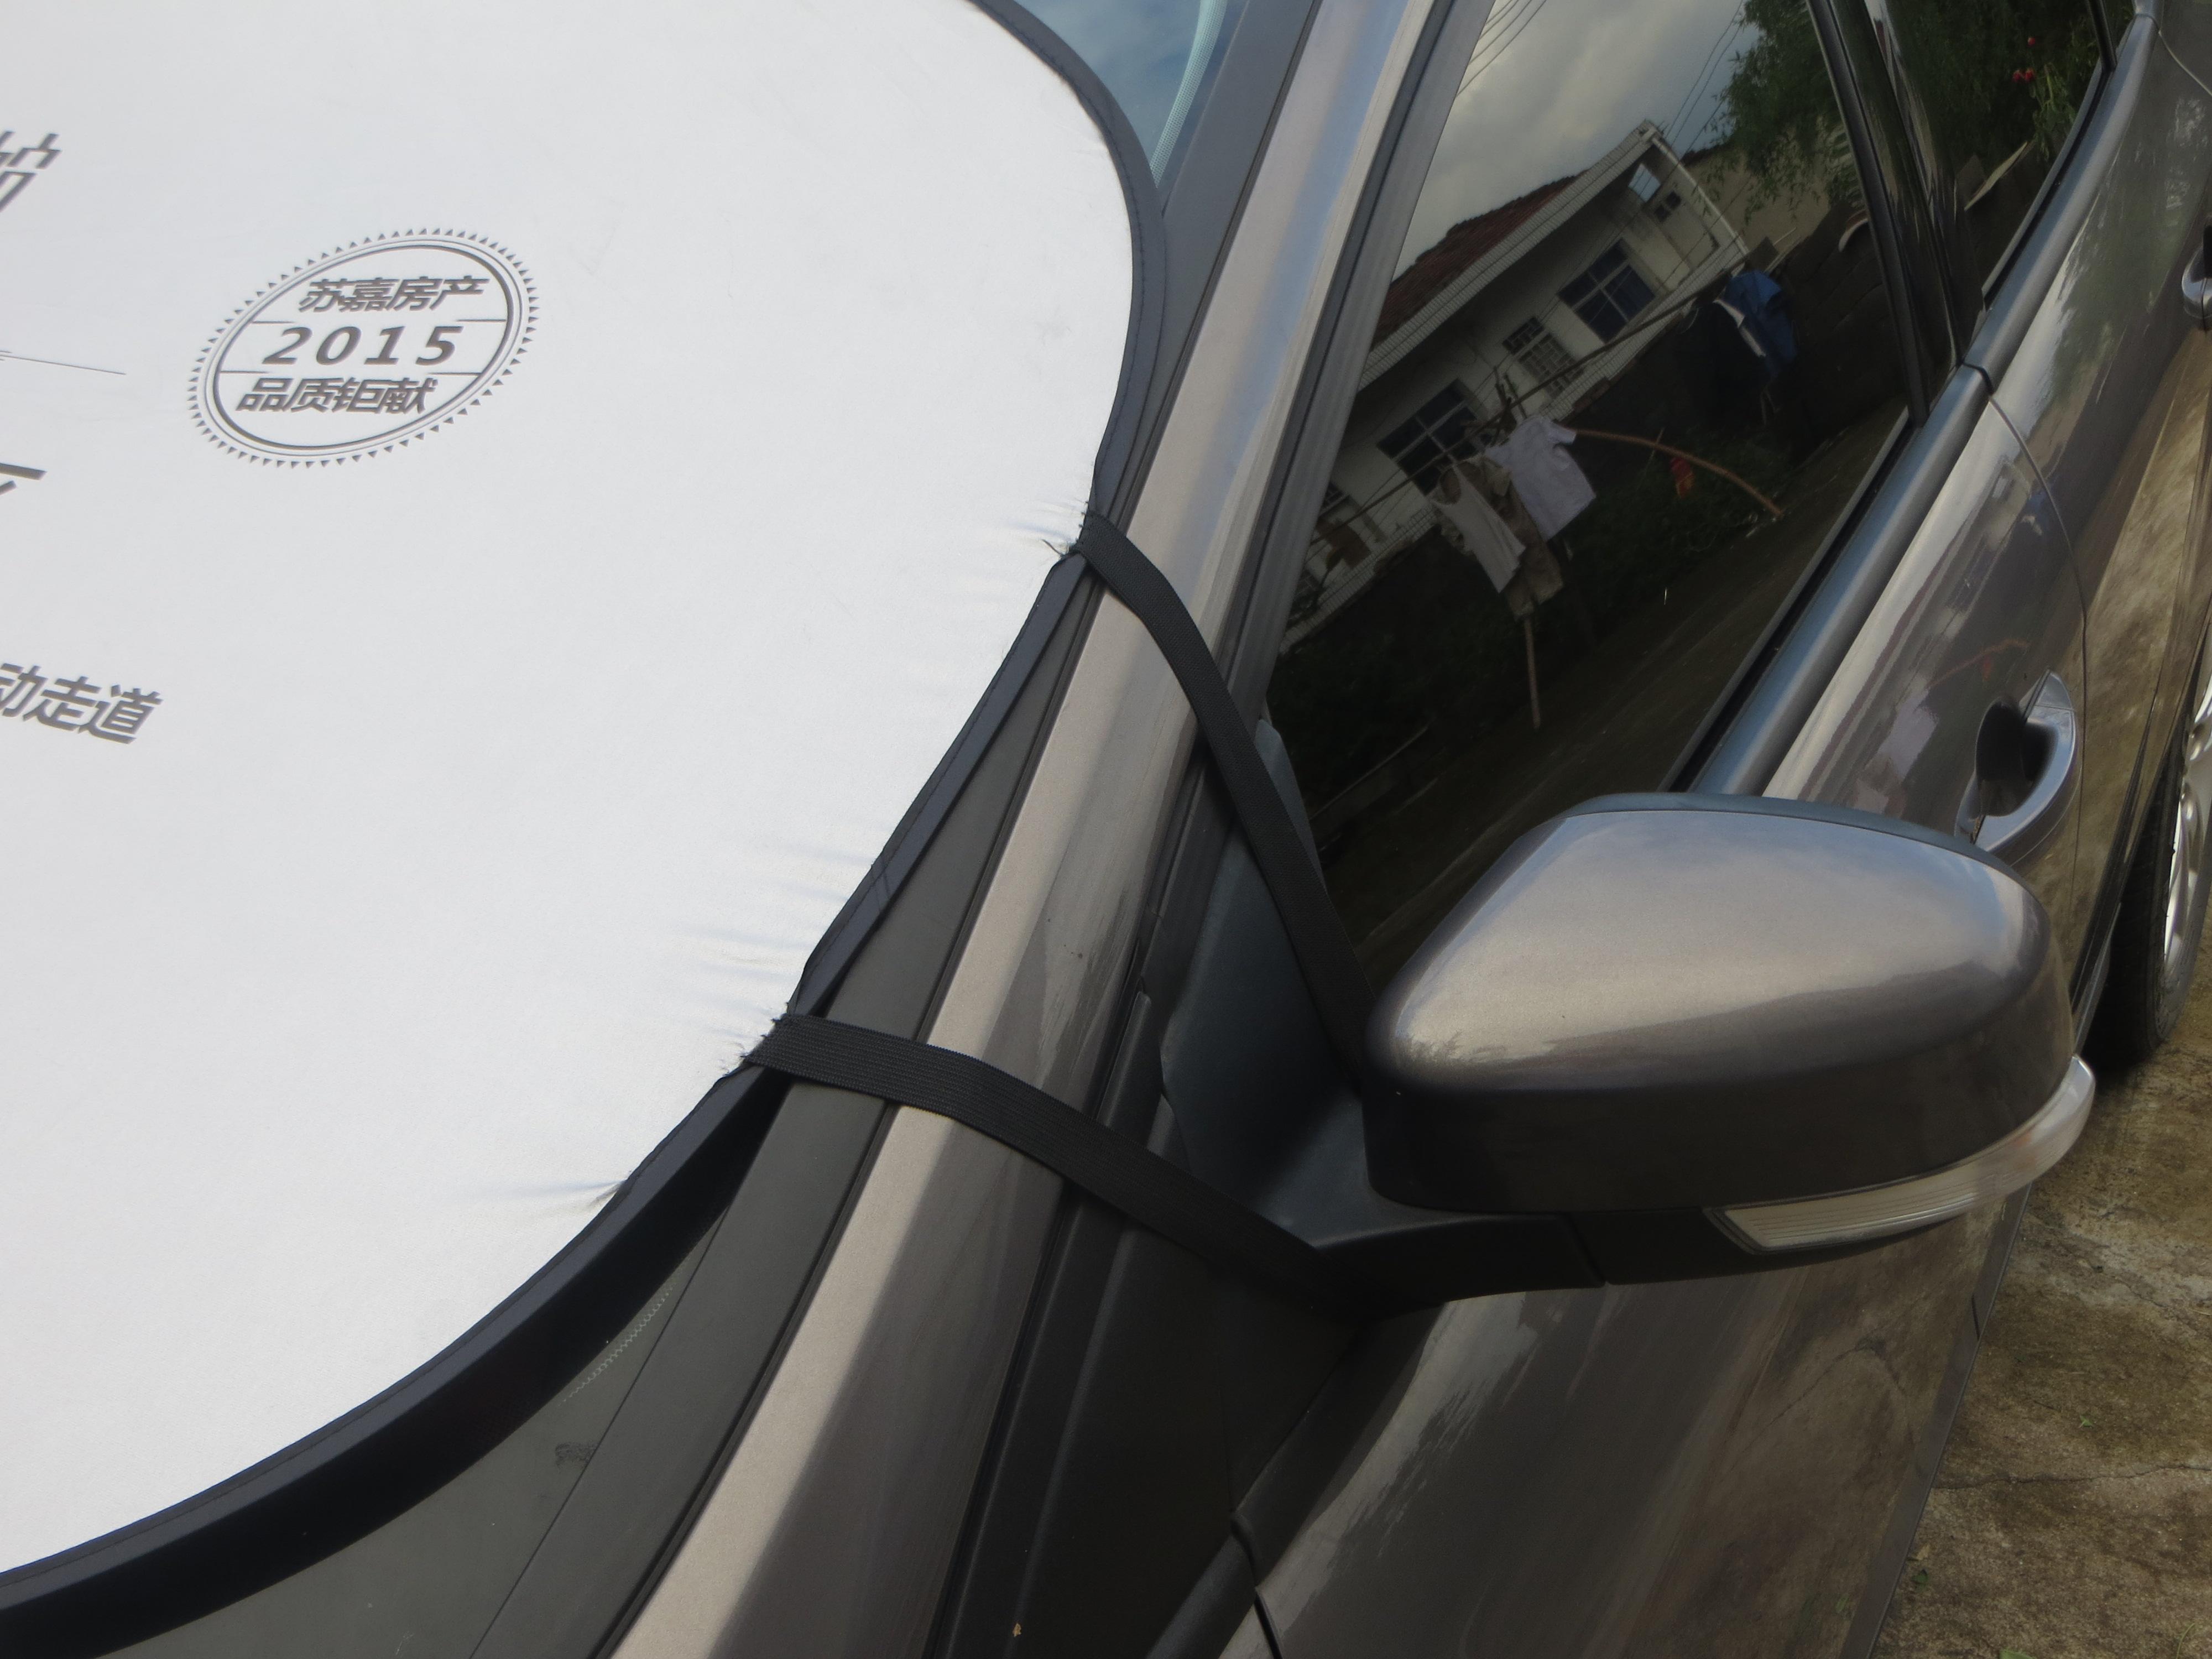 La Pubblicità personalizzata dono veicolo parasole blocco stampato il Logo di riflessione e di Isolamento termico di copertura in Foglio di Alluminio in visore Il Sole.